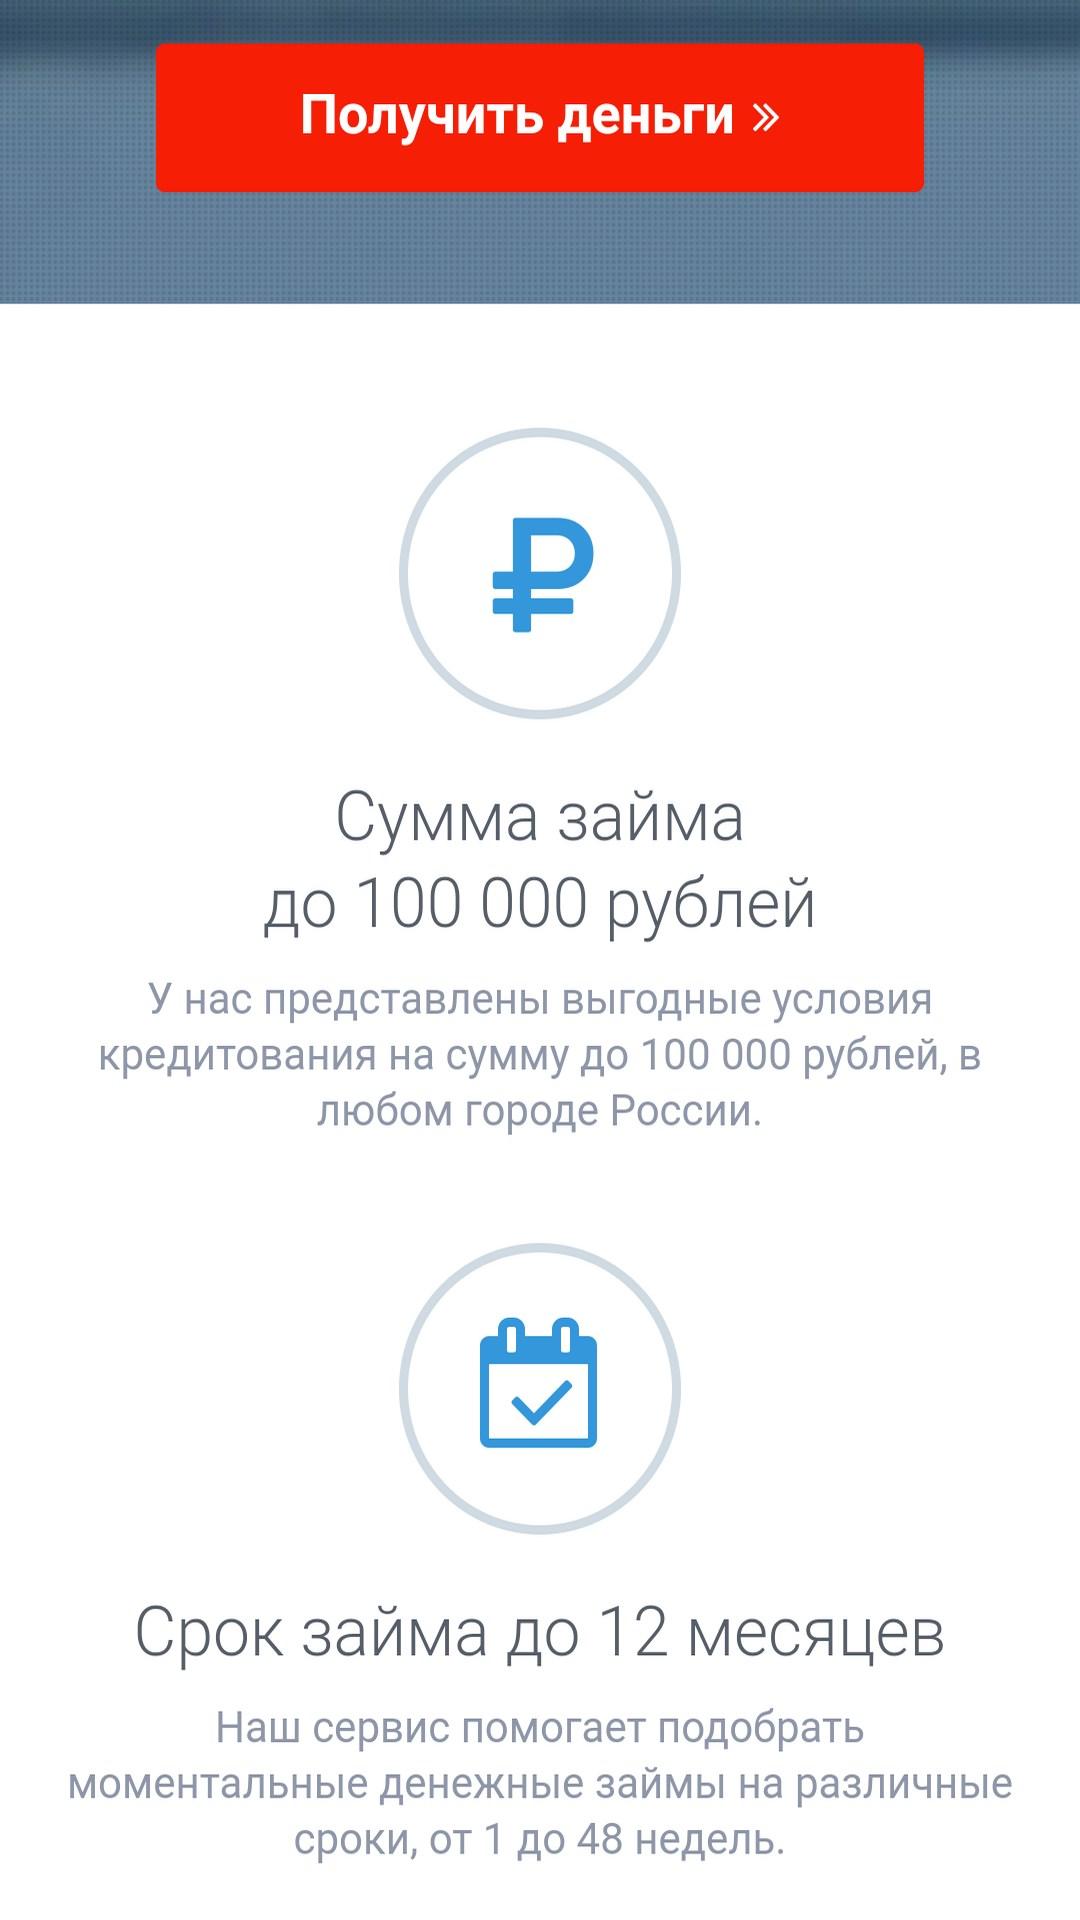 русские деньги центр займа отзывы экспресс кредит екатеринбург свердловская область